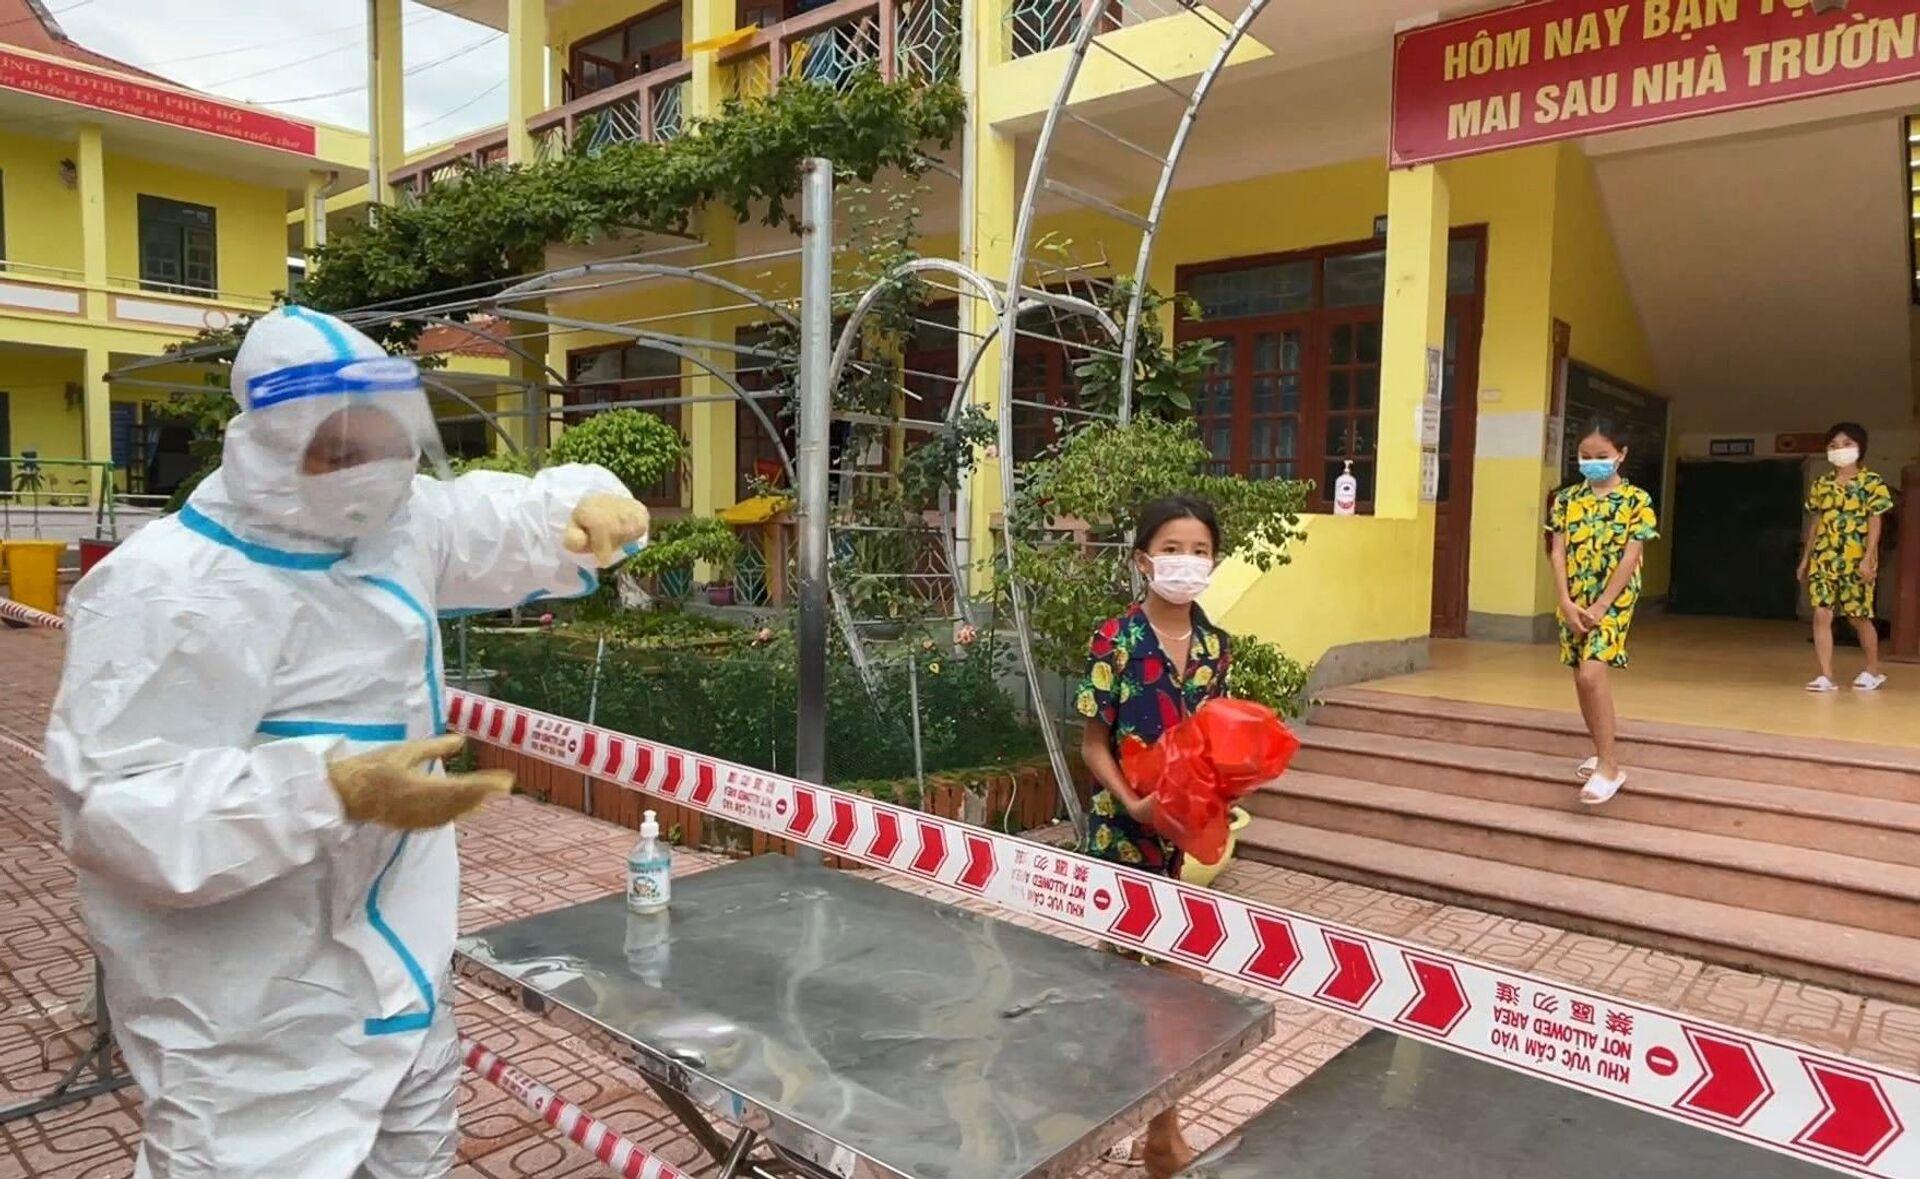 Khoảng 6% trường hợp F1 phải cách ly là trẻ em, Việt Nam cần làm gì để bảo vệ? - Sputnik Việt Nam, 1920, 01.06.2021